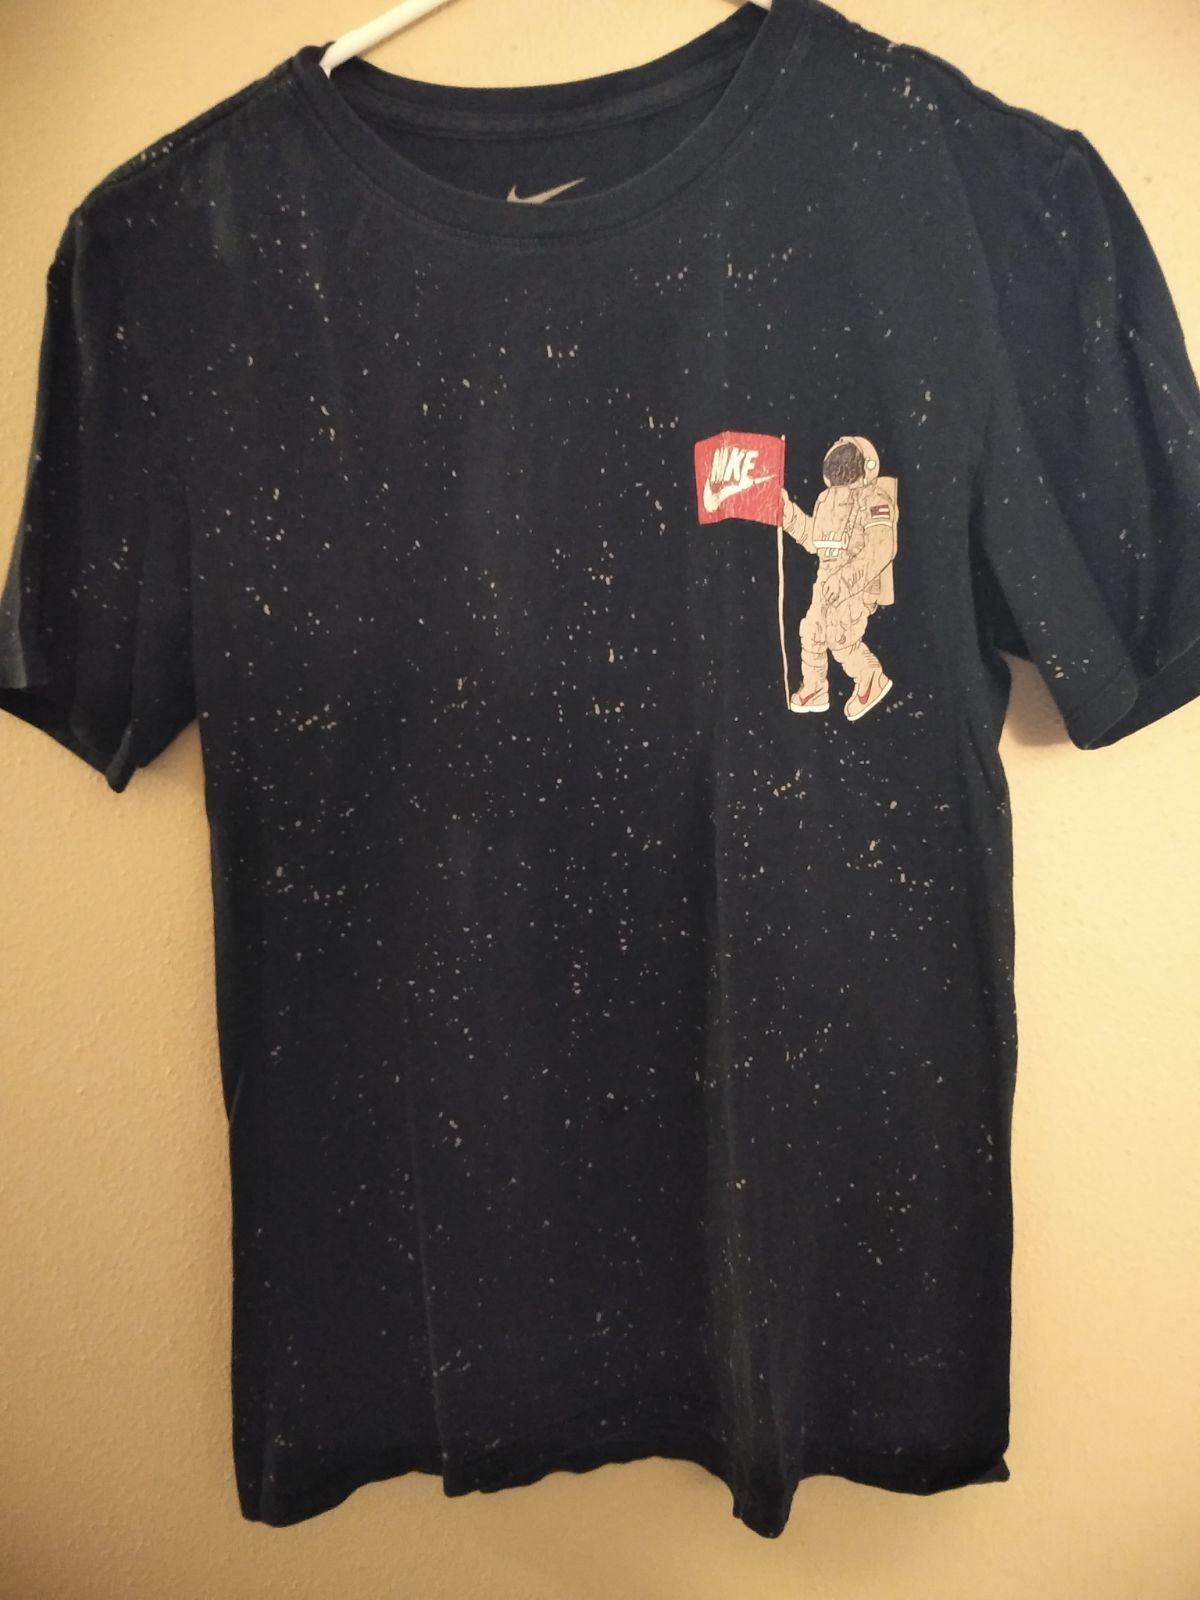 Men S Nike Astronaut Shirt Astronaut Shirt Shirts Nike Men [ 1600 x 1200 Pixel ]